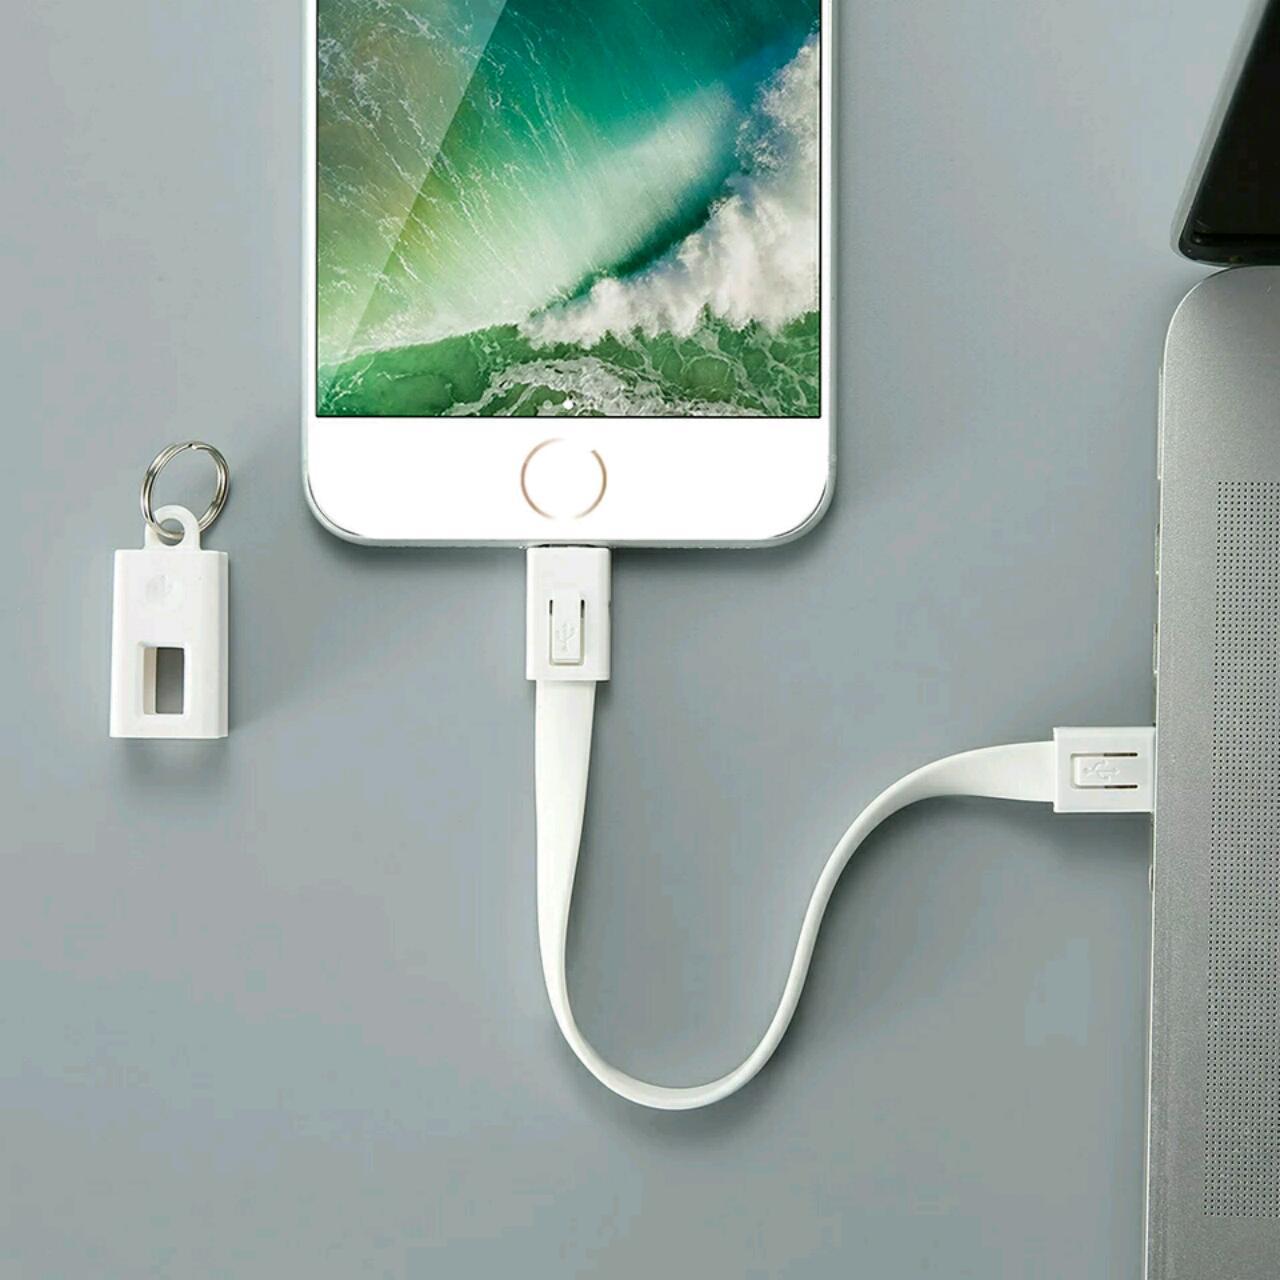 брелок кабель для зарядки Iphone